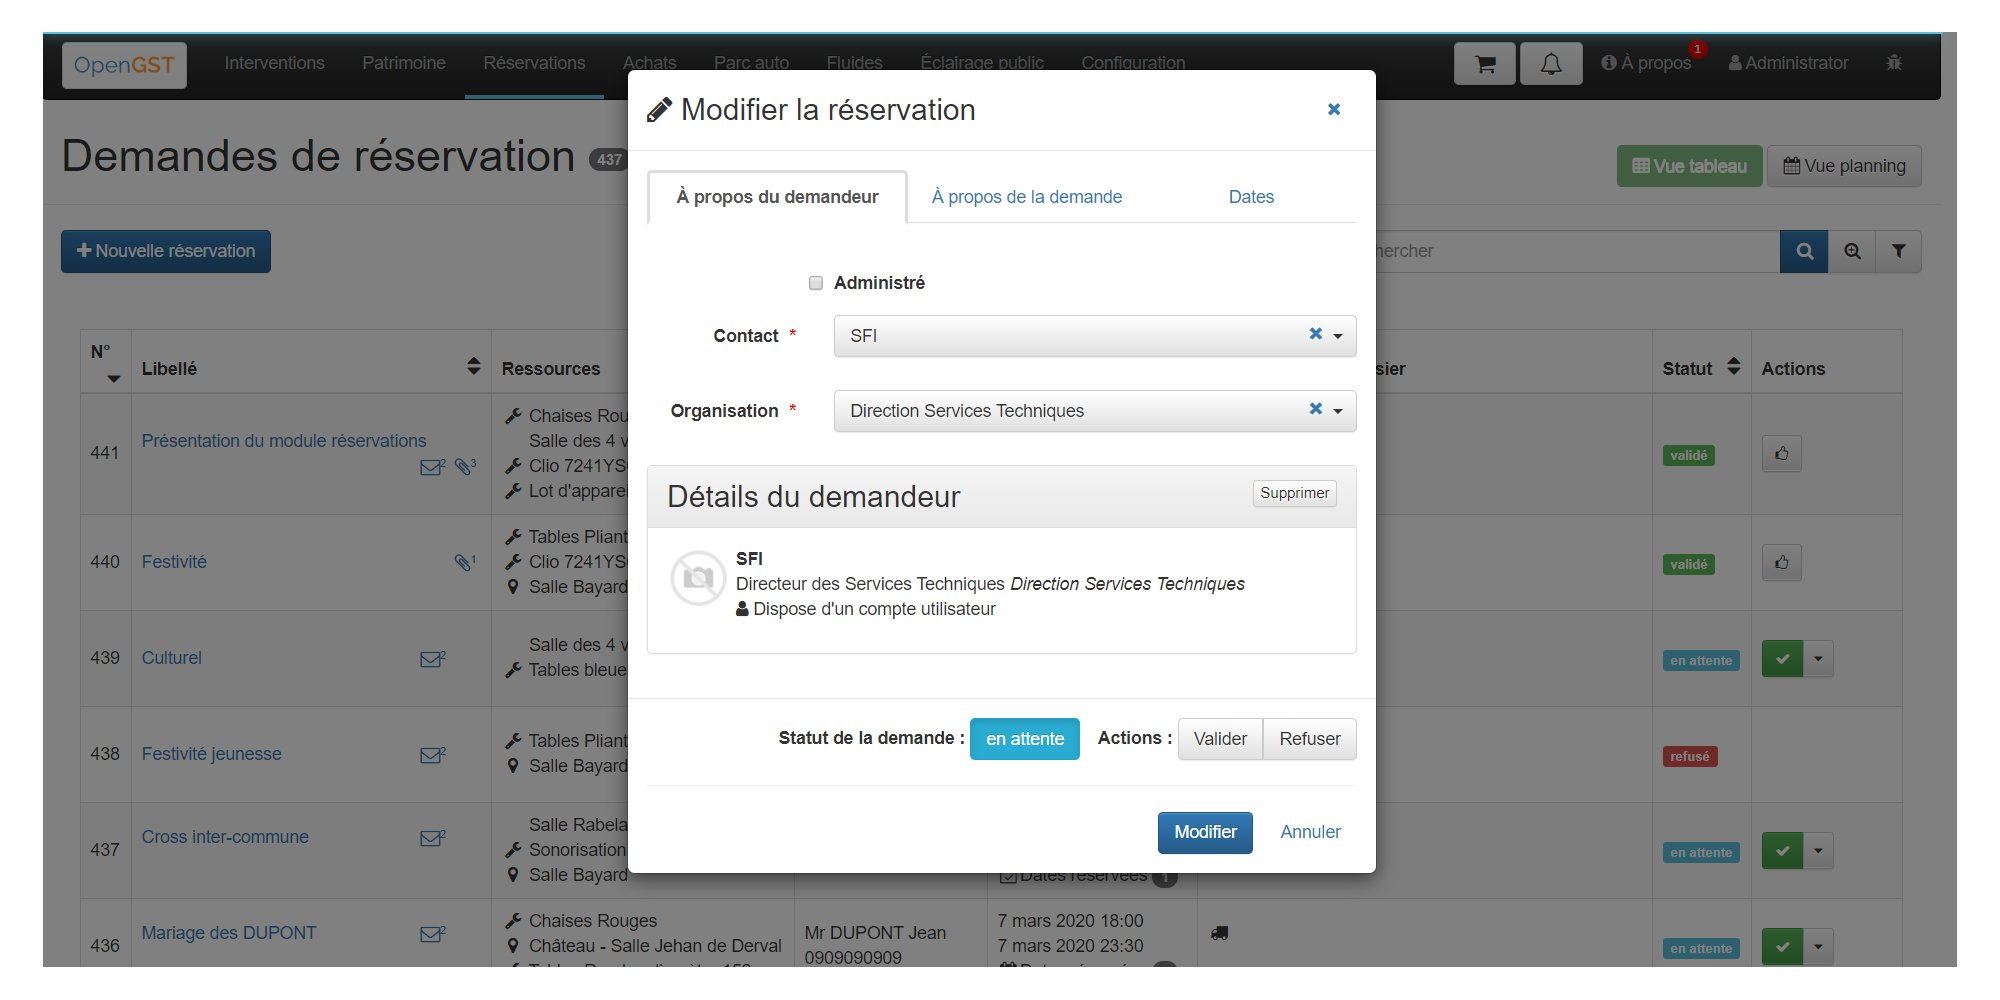 Demande de réservation OpenGST